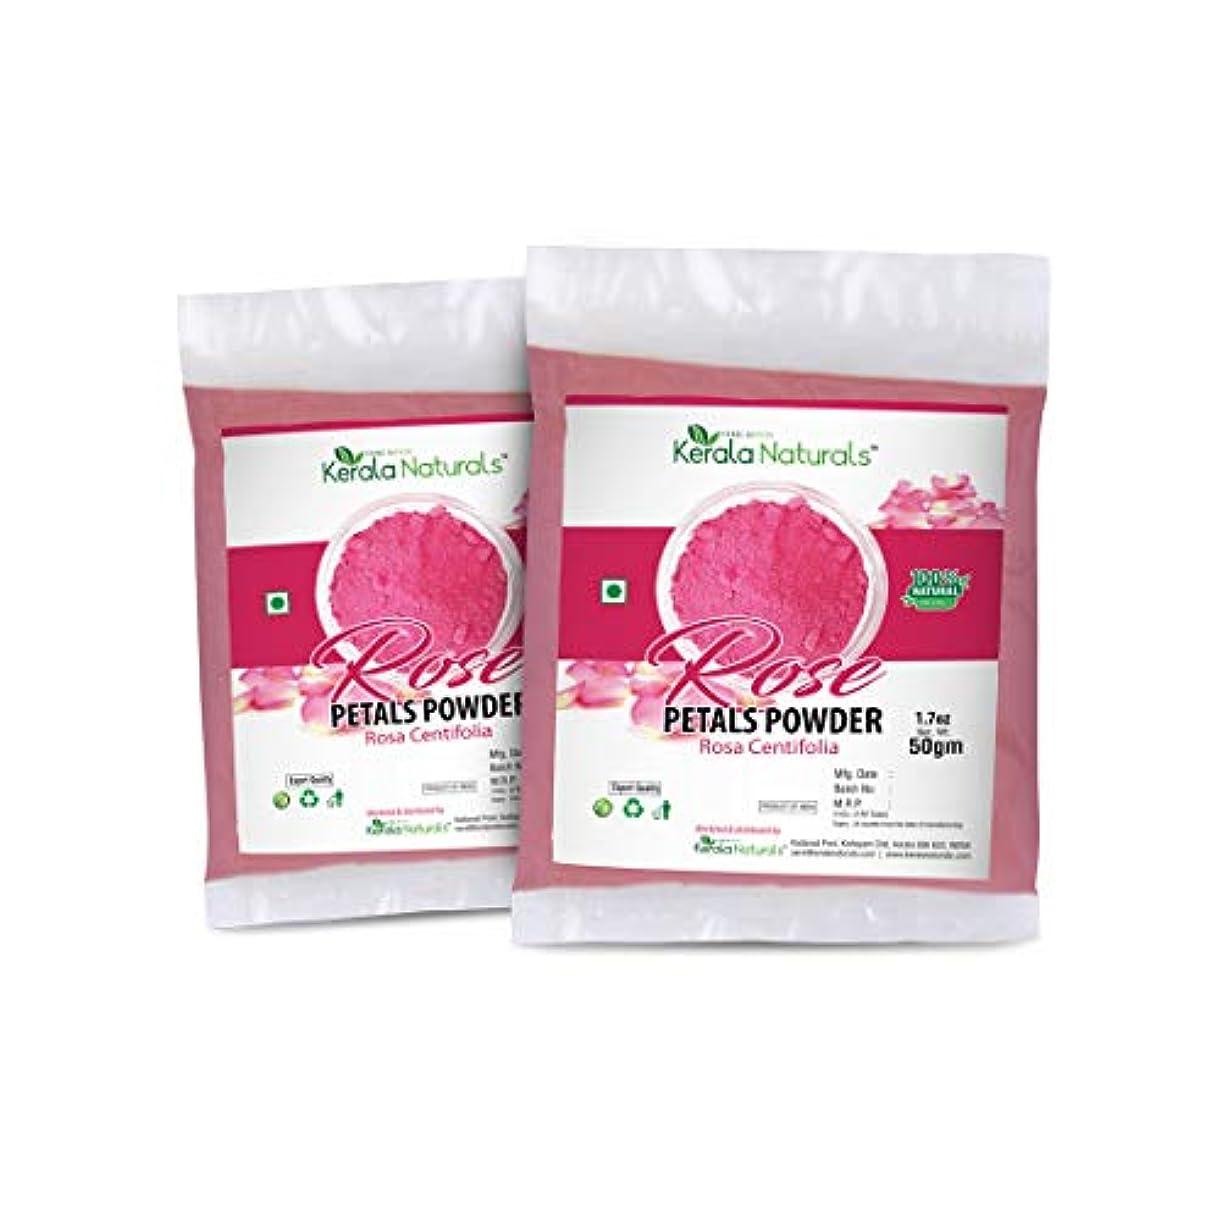 ホーム兄弟愛歯車Rose Petals Powder (Rosa Centifolia) for Anti Ageing- 100gm (50gm x 2 Packs) - Rejuvenating and Moisturising Face pack - Skin Brightening and even tone - アンチエイジング用のバラの花びらパウダー(Rosa Centifolia)-100gm-若返りと保湿のフェイスパック-肌の輝きと均一なトーン